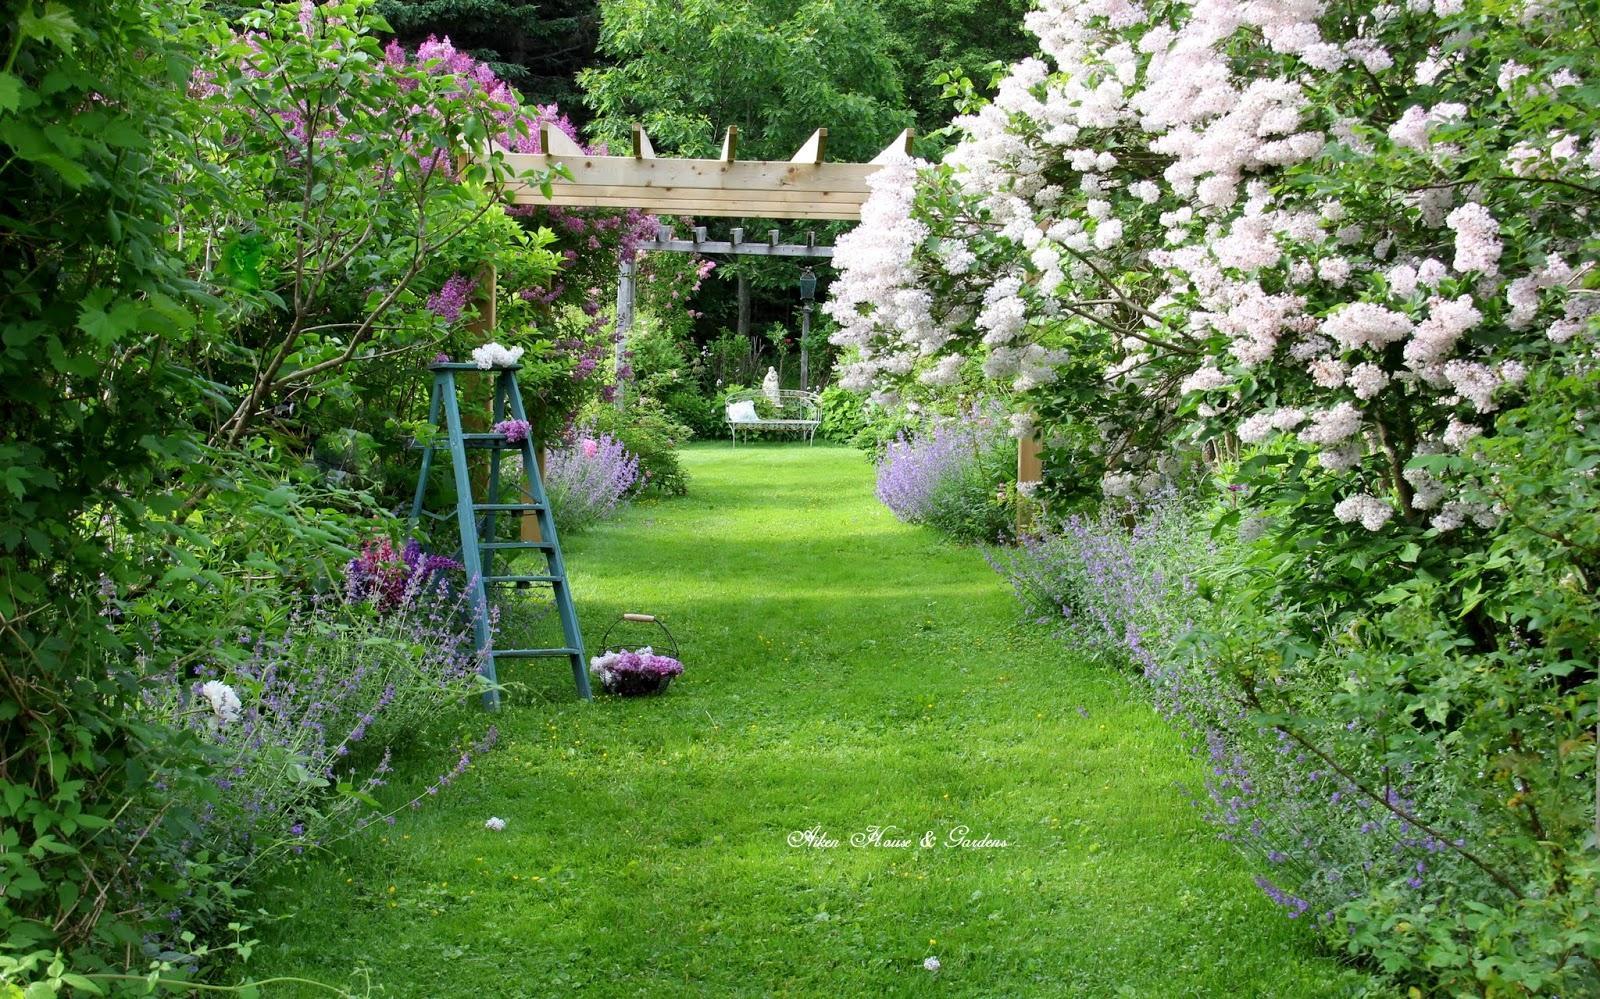 Záhrada,ktorá ťa nikdy neomrzí...divoká a krásna - Obrázok č. 88